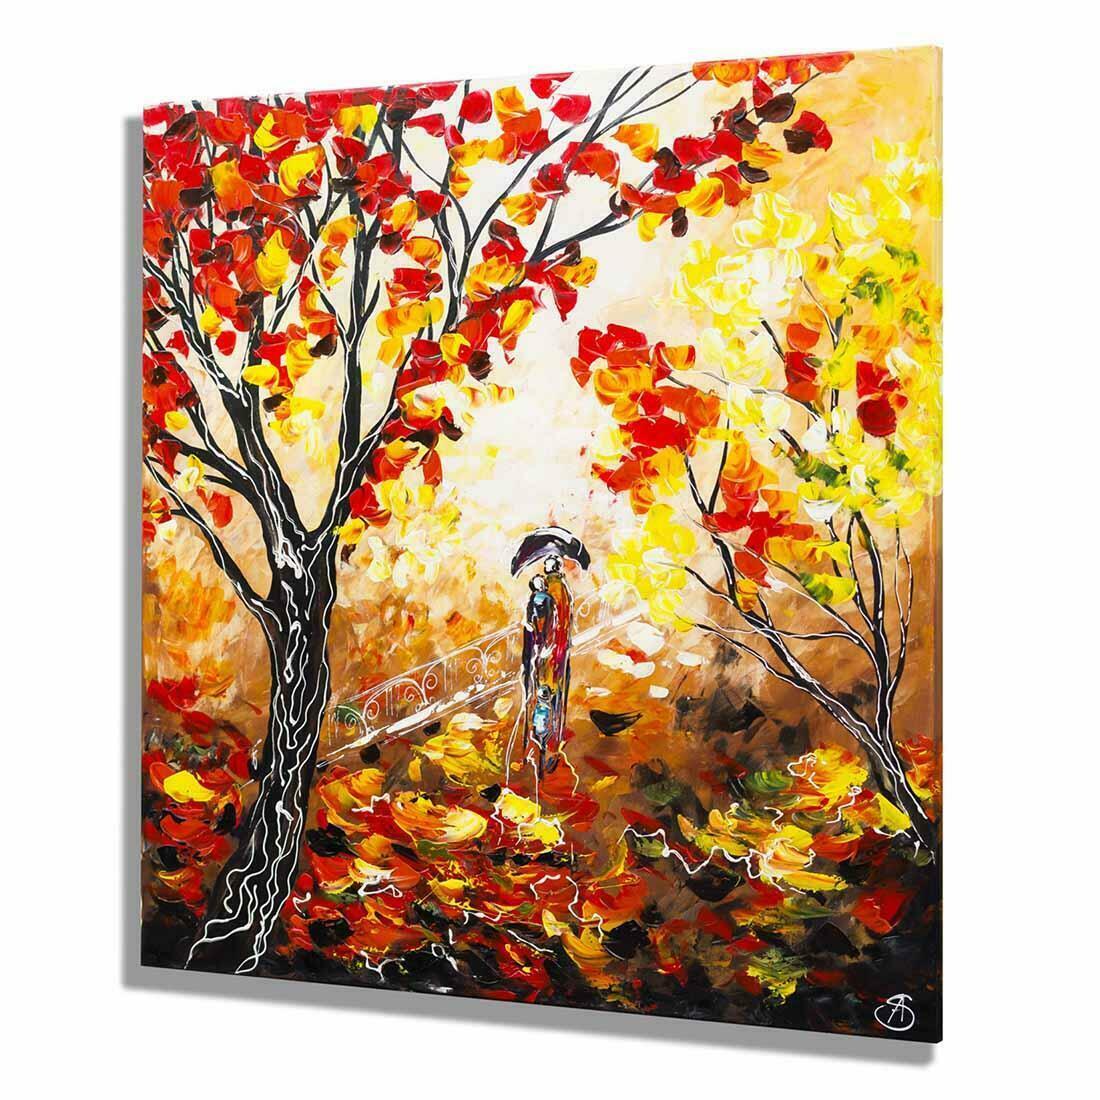 Herfstwandeling schilderij - Zijkant